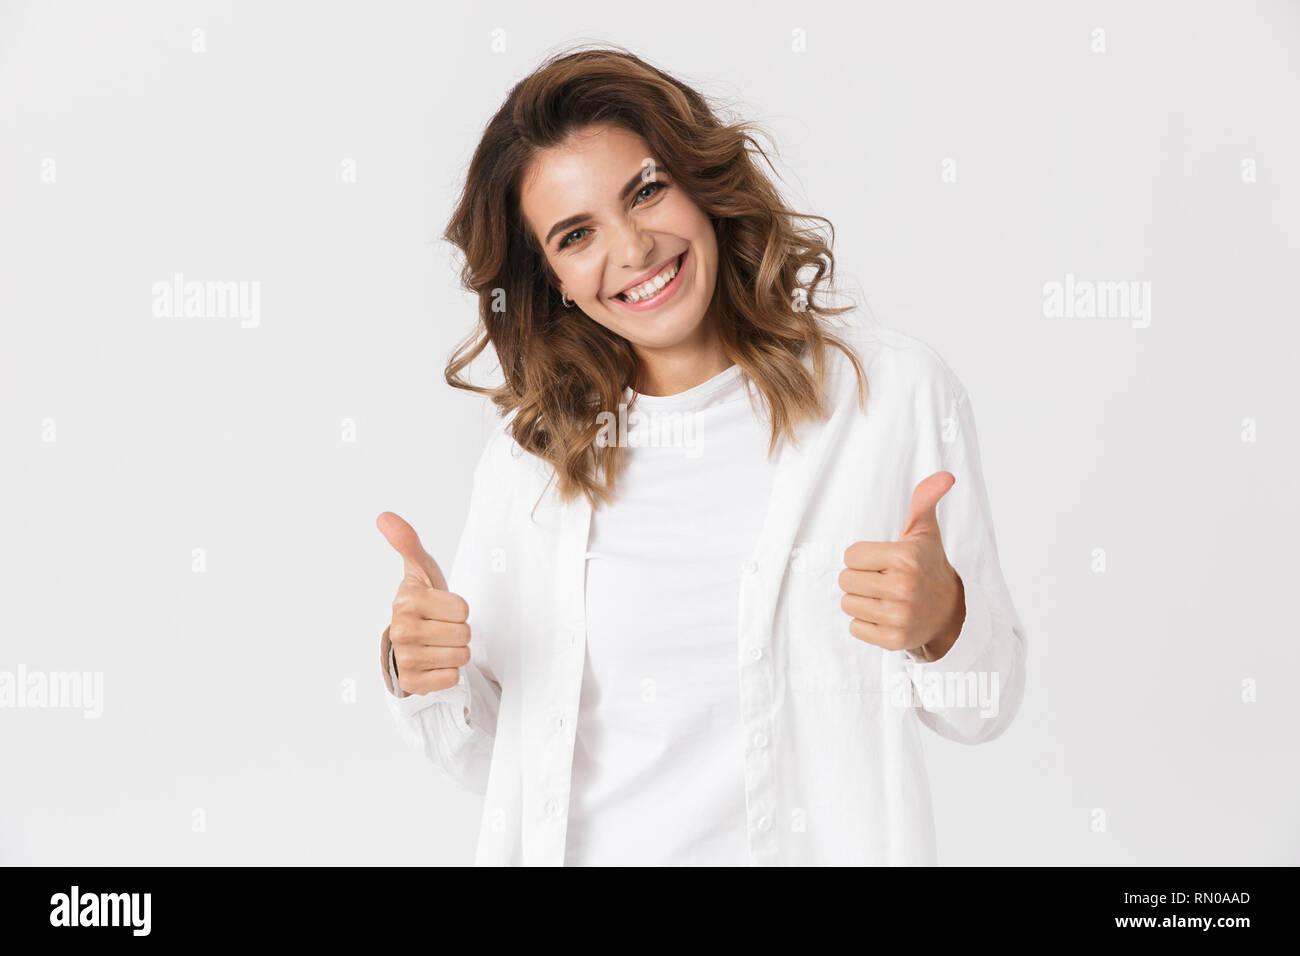 Ritratto di Ben costruita donna in abiti casual che mostra un pollice alzato in piedi isolato su sfondo bianco Immagini Stock